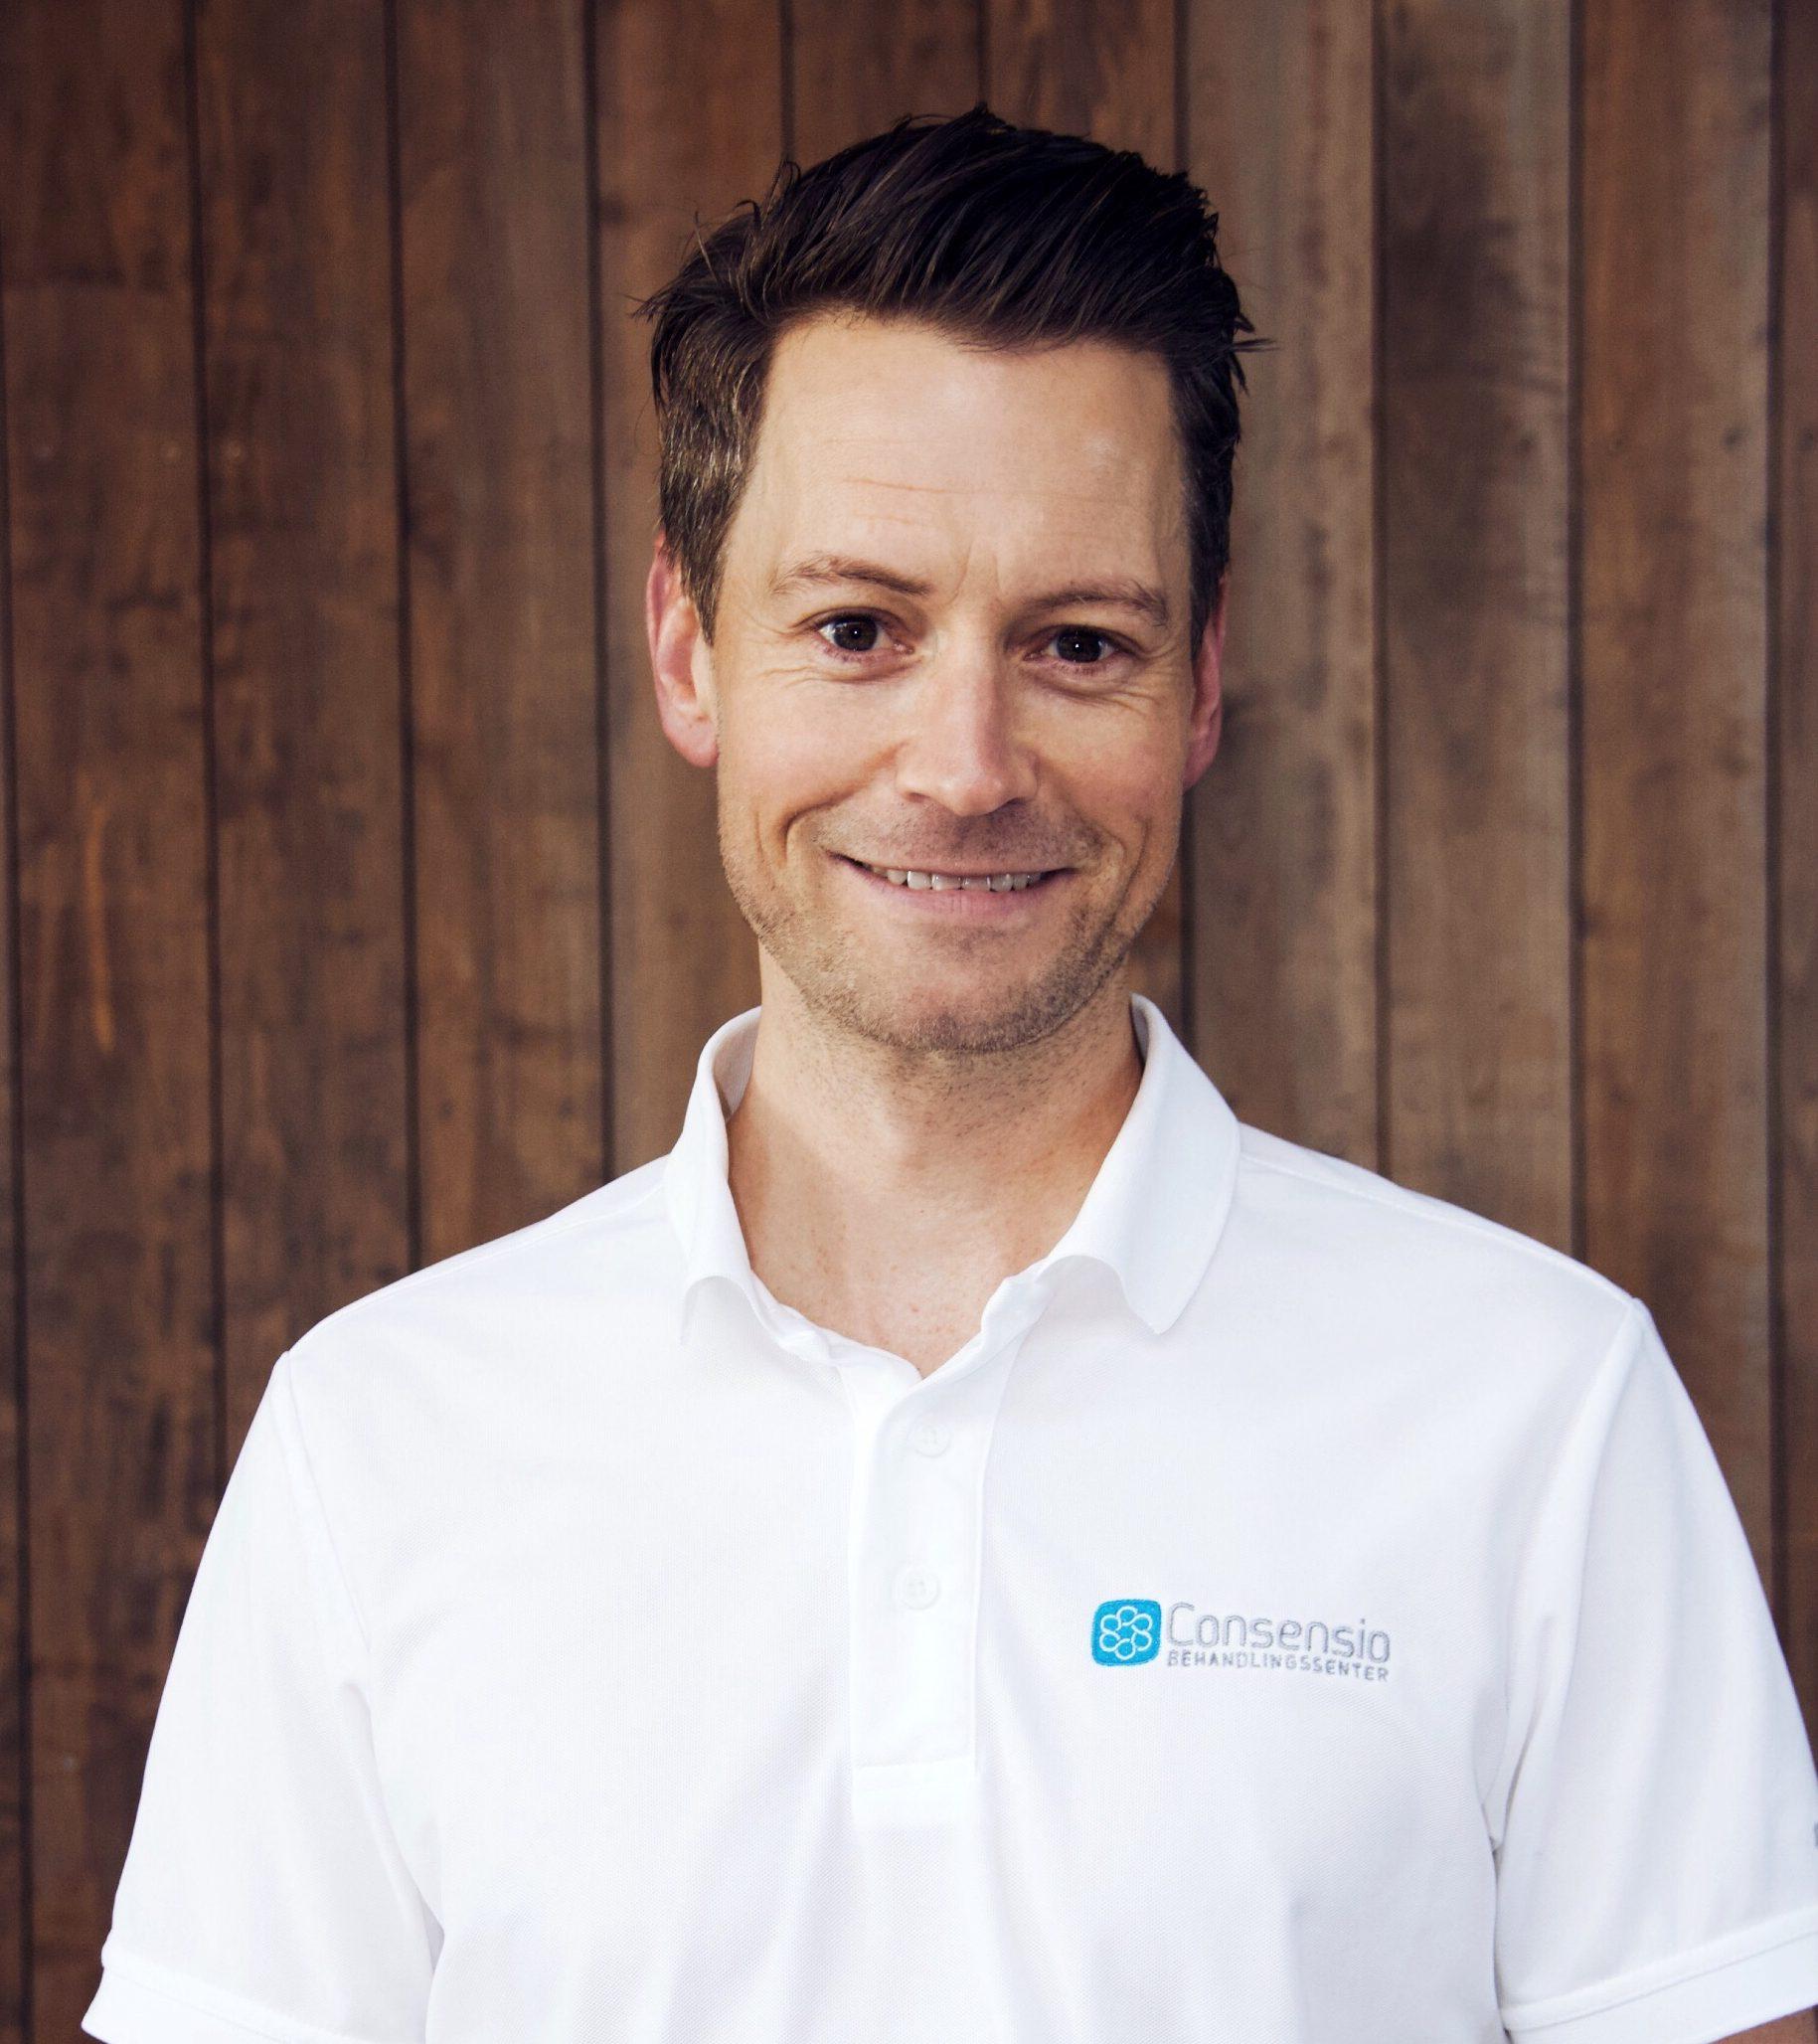 Thomas Reinholt Jensen